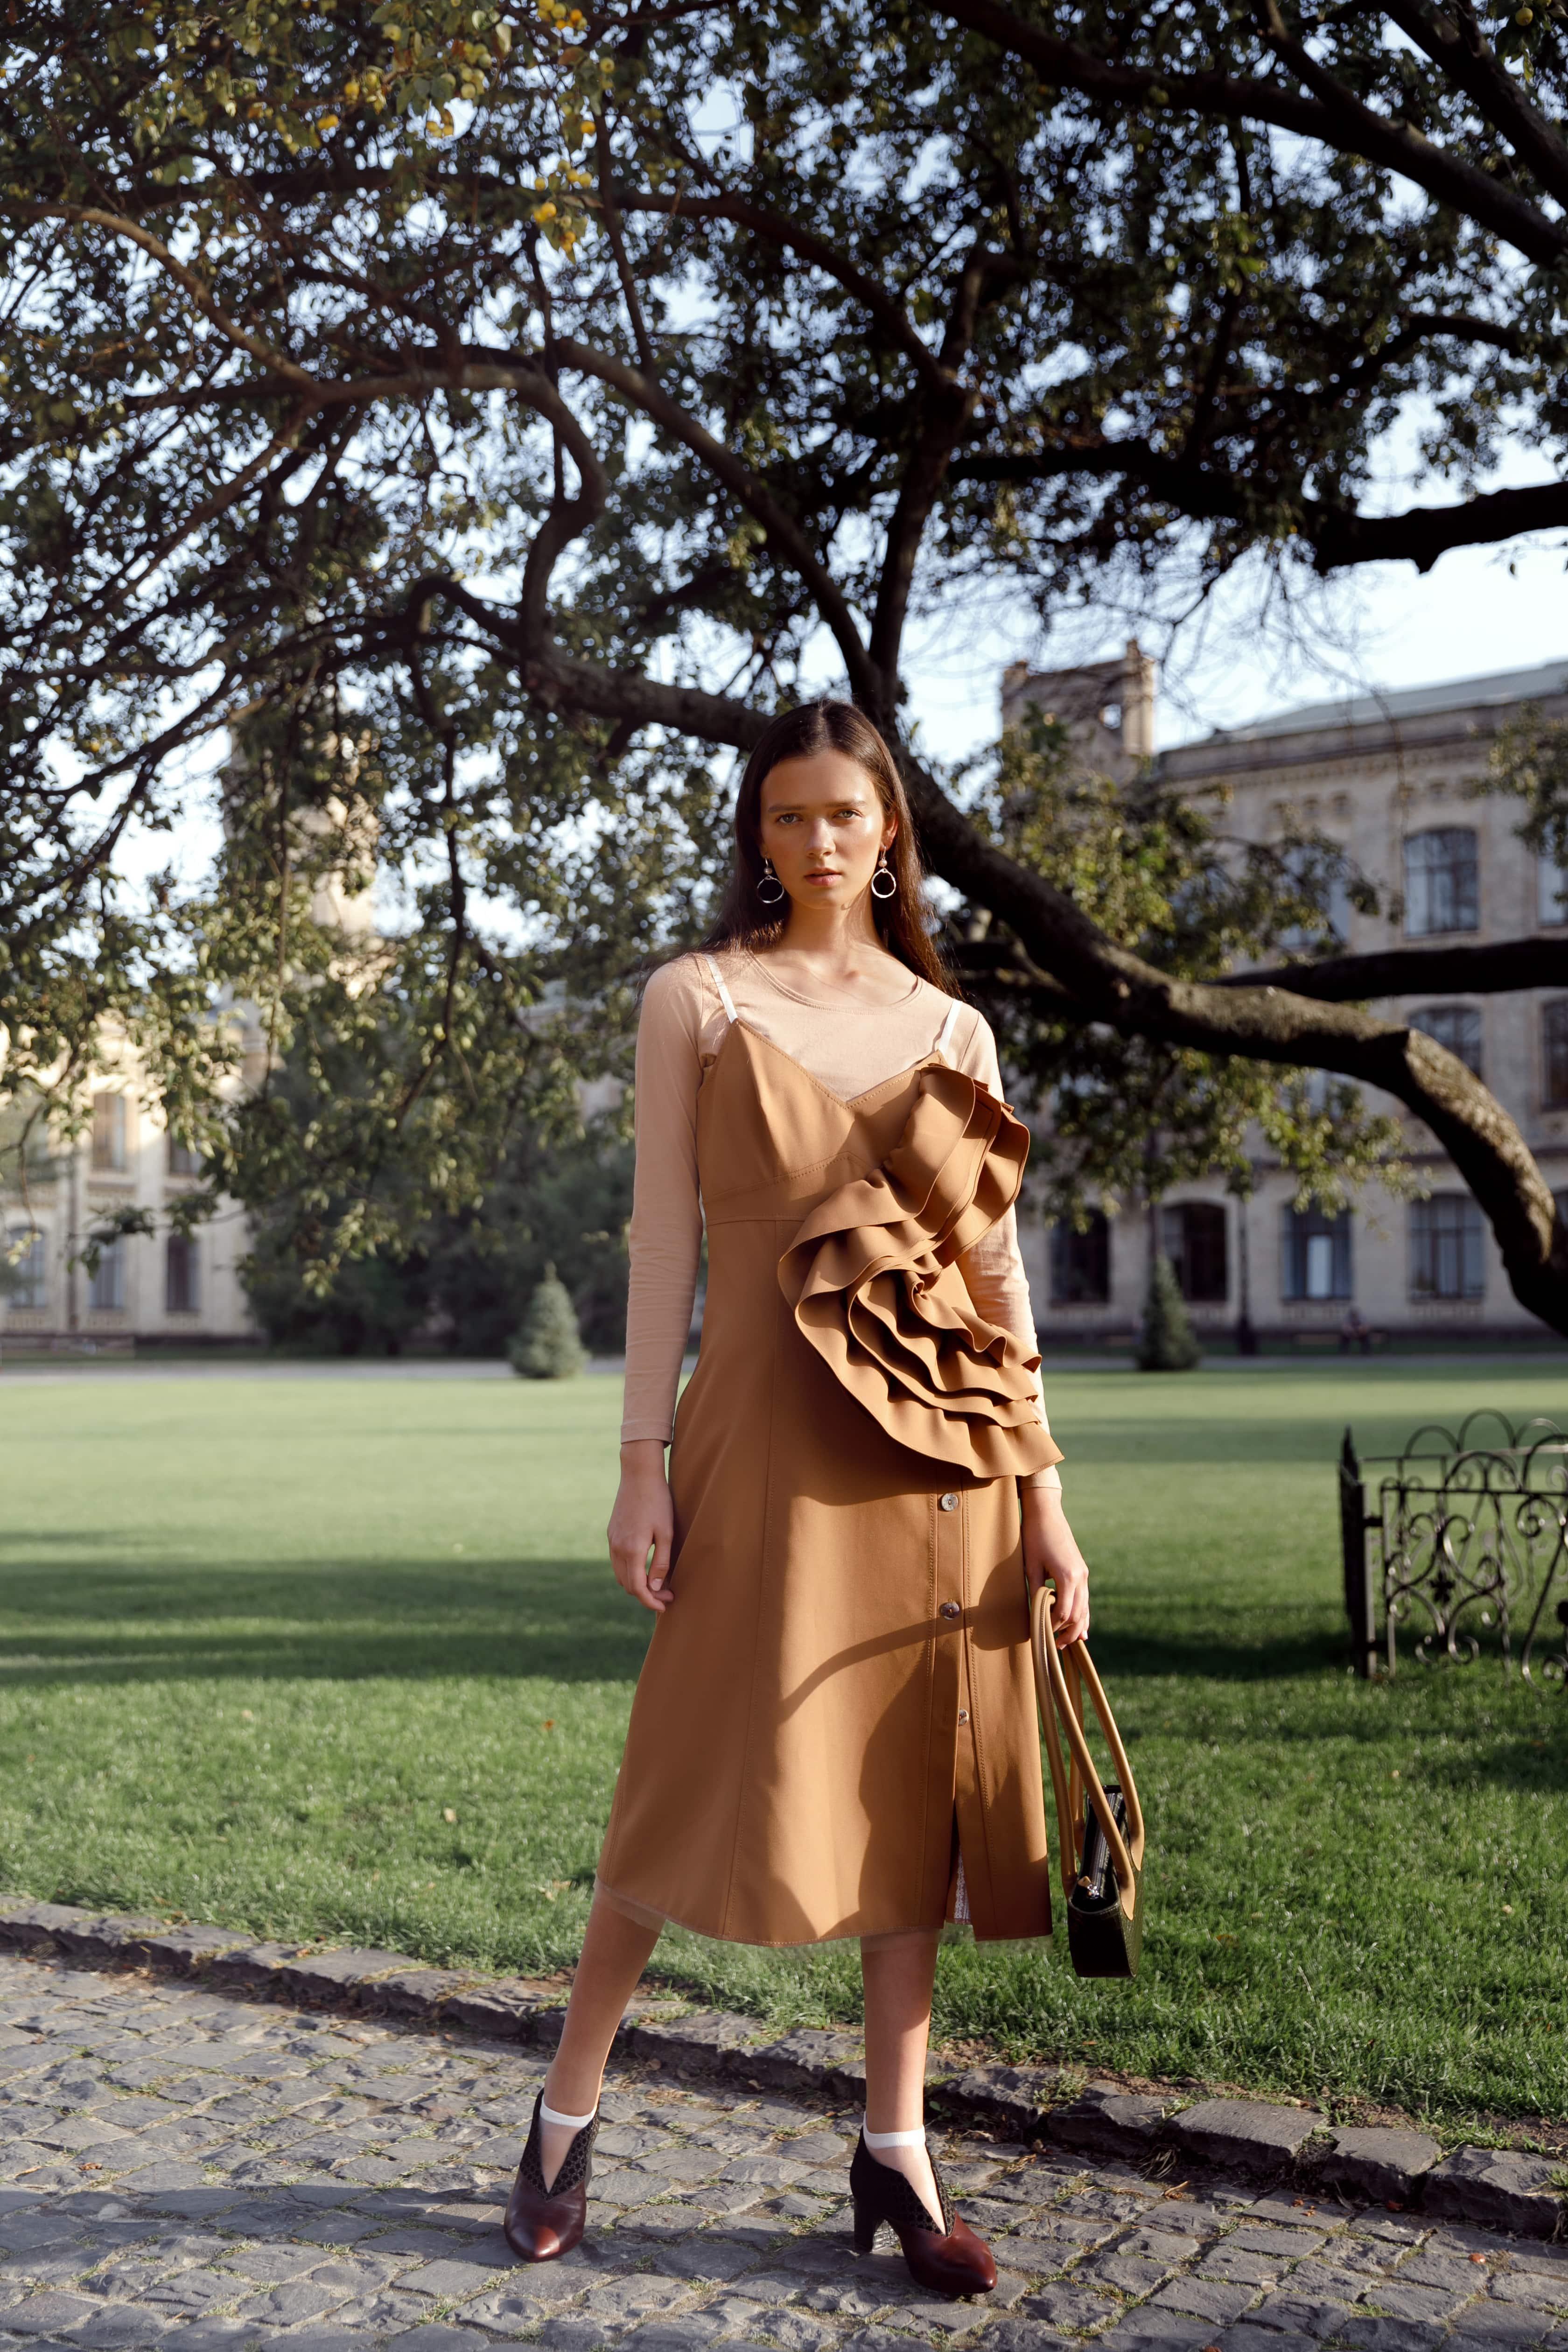 Городская осень 2019 стильные образы от украинских брендов платье CIX, сумка KOZHUHAR, обувь Hameleon shoes, украшения UMORANOVA